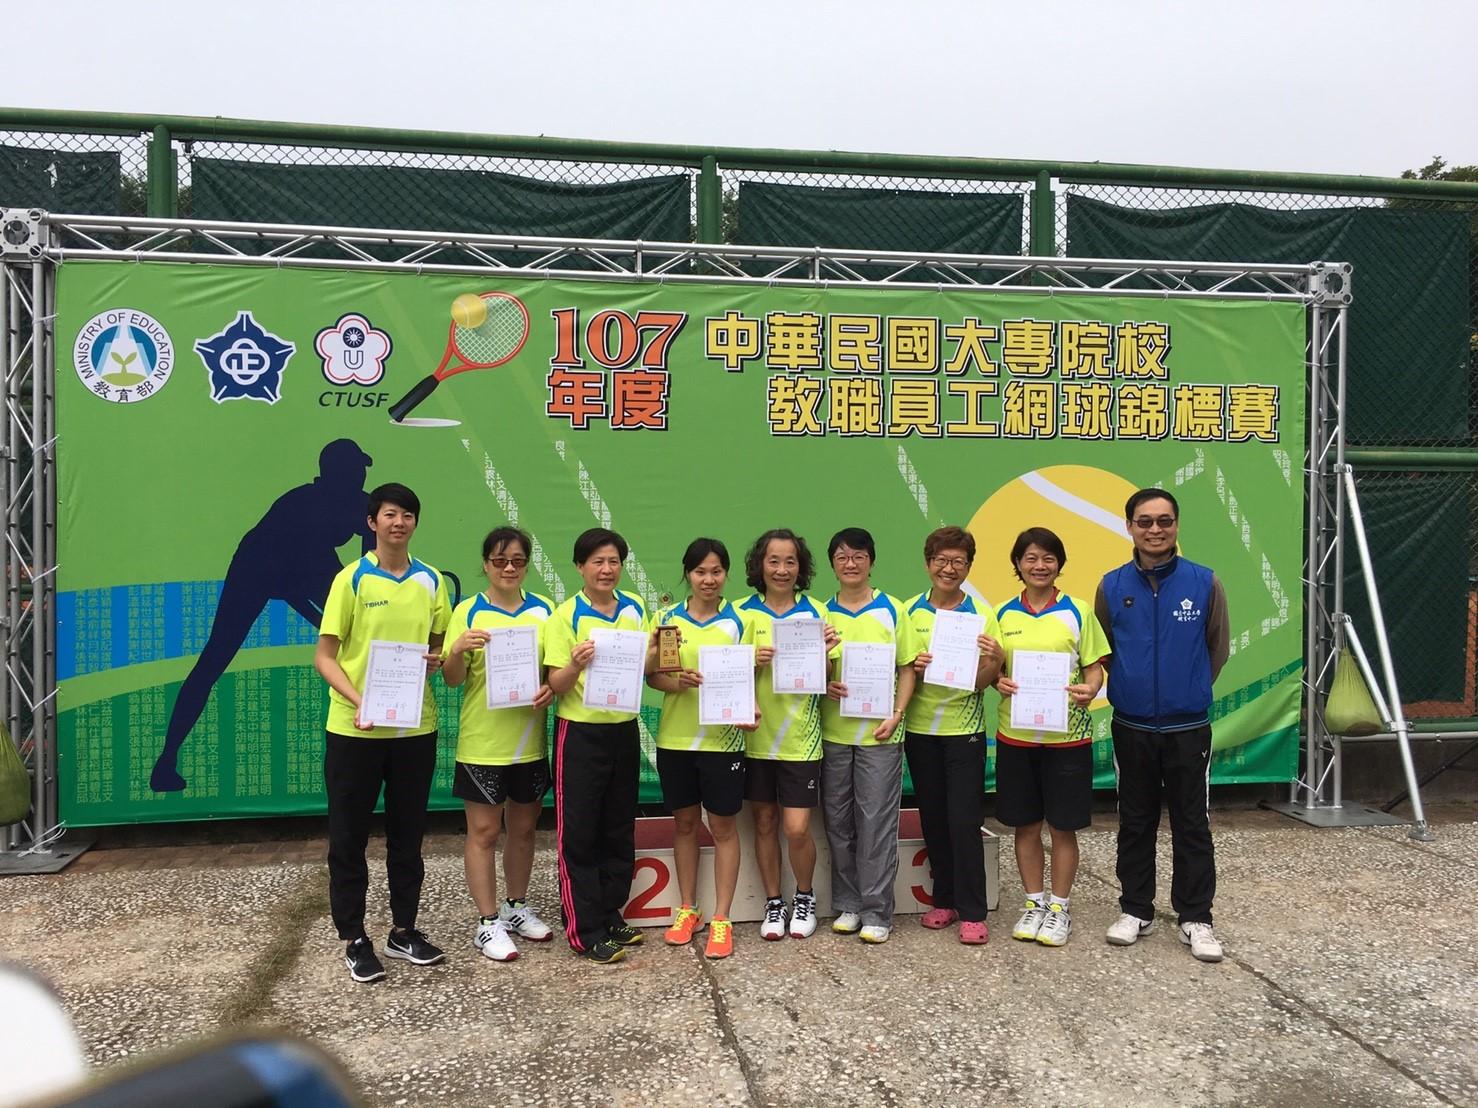 中原大學教職員運動風氣盛行   全國大專校院網球錦標賽獲佳績